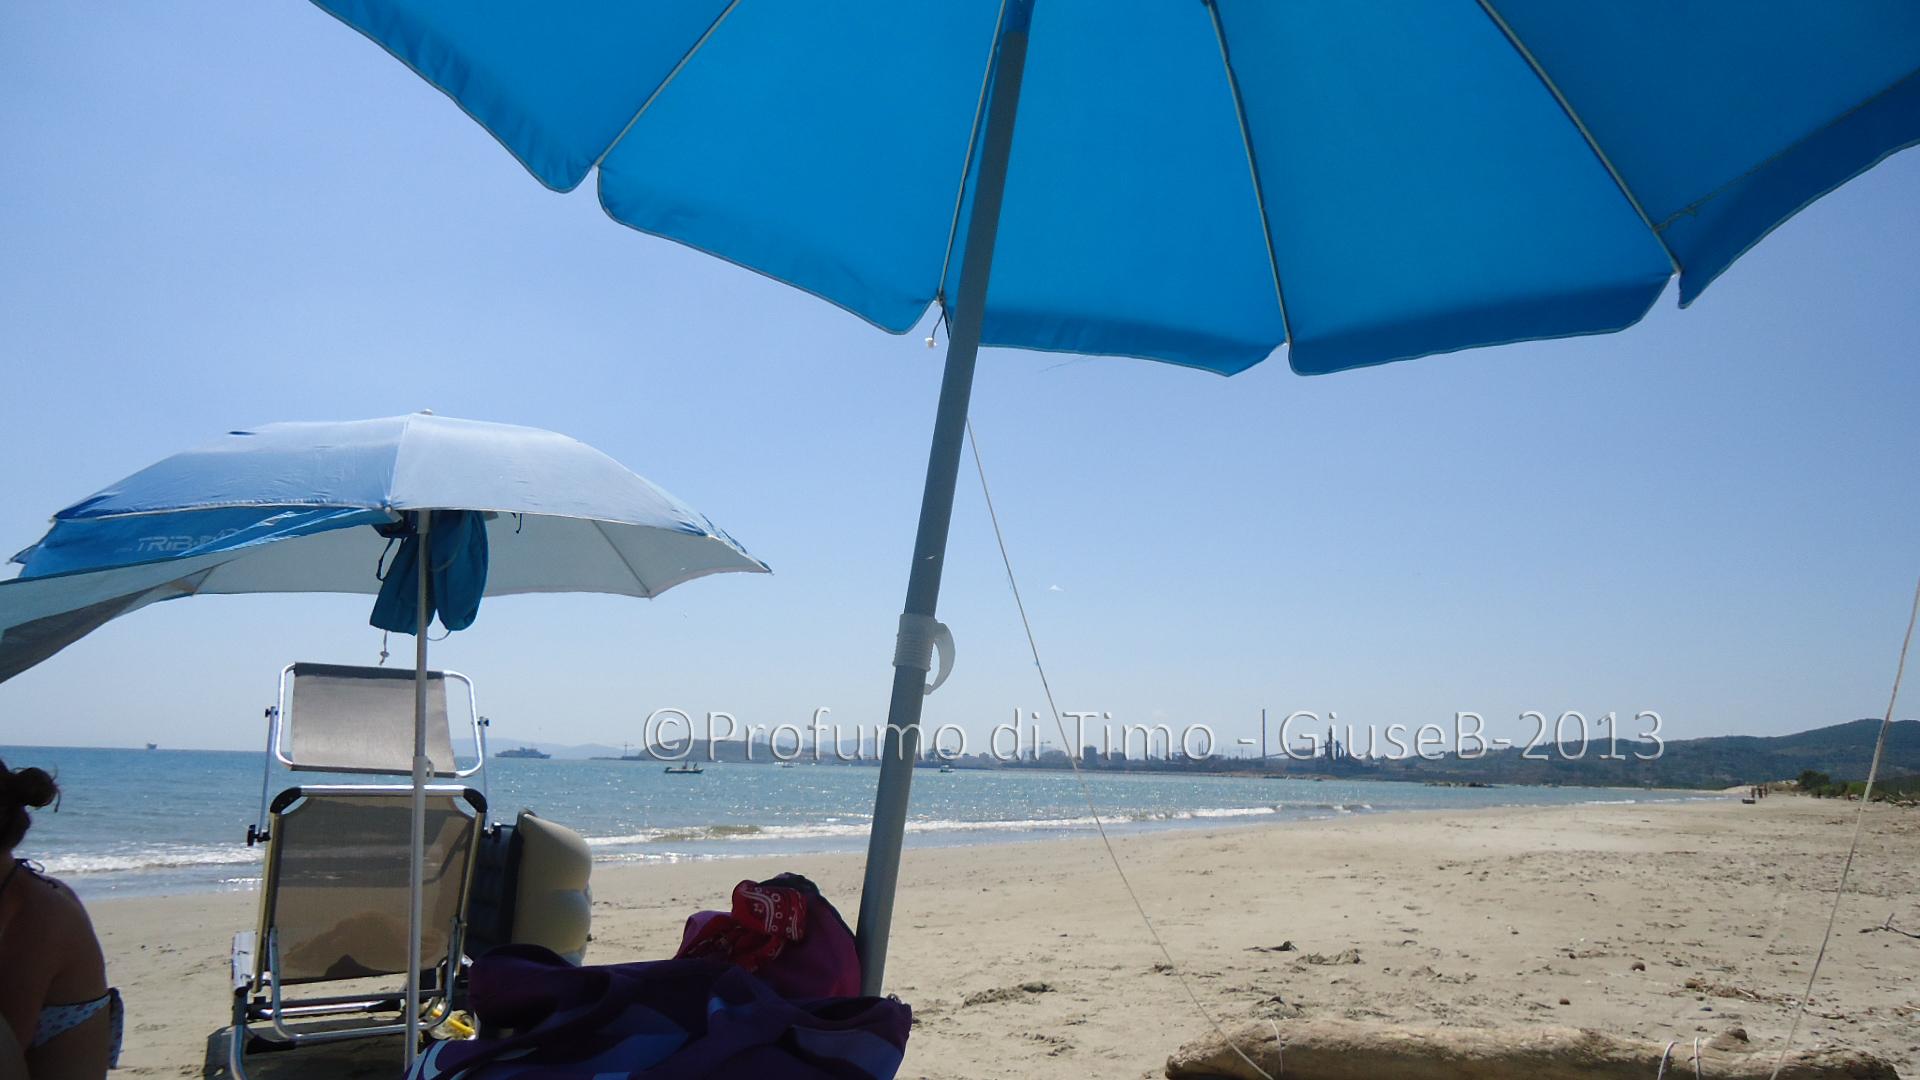 conchiglie mare spiaggia (3)